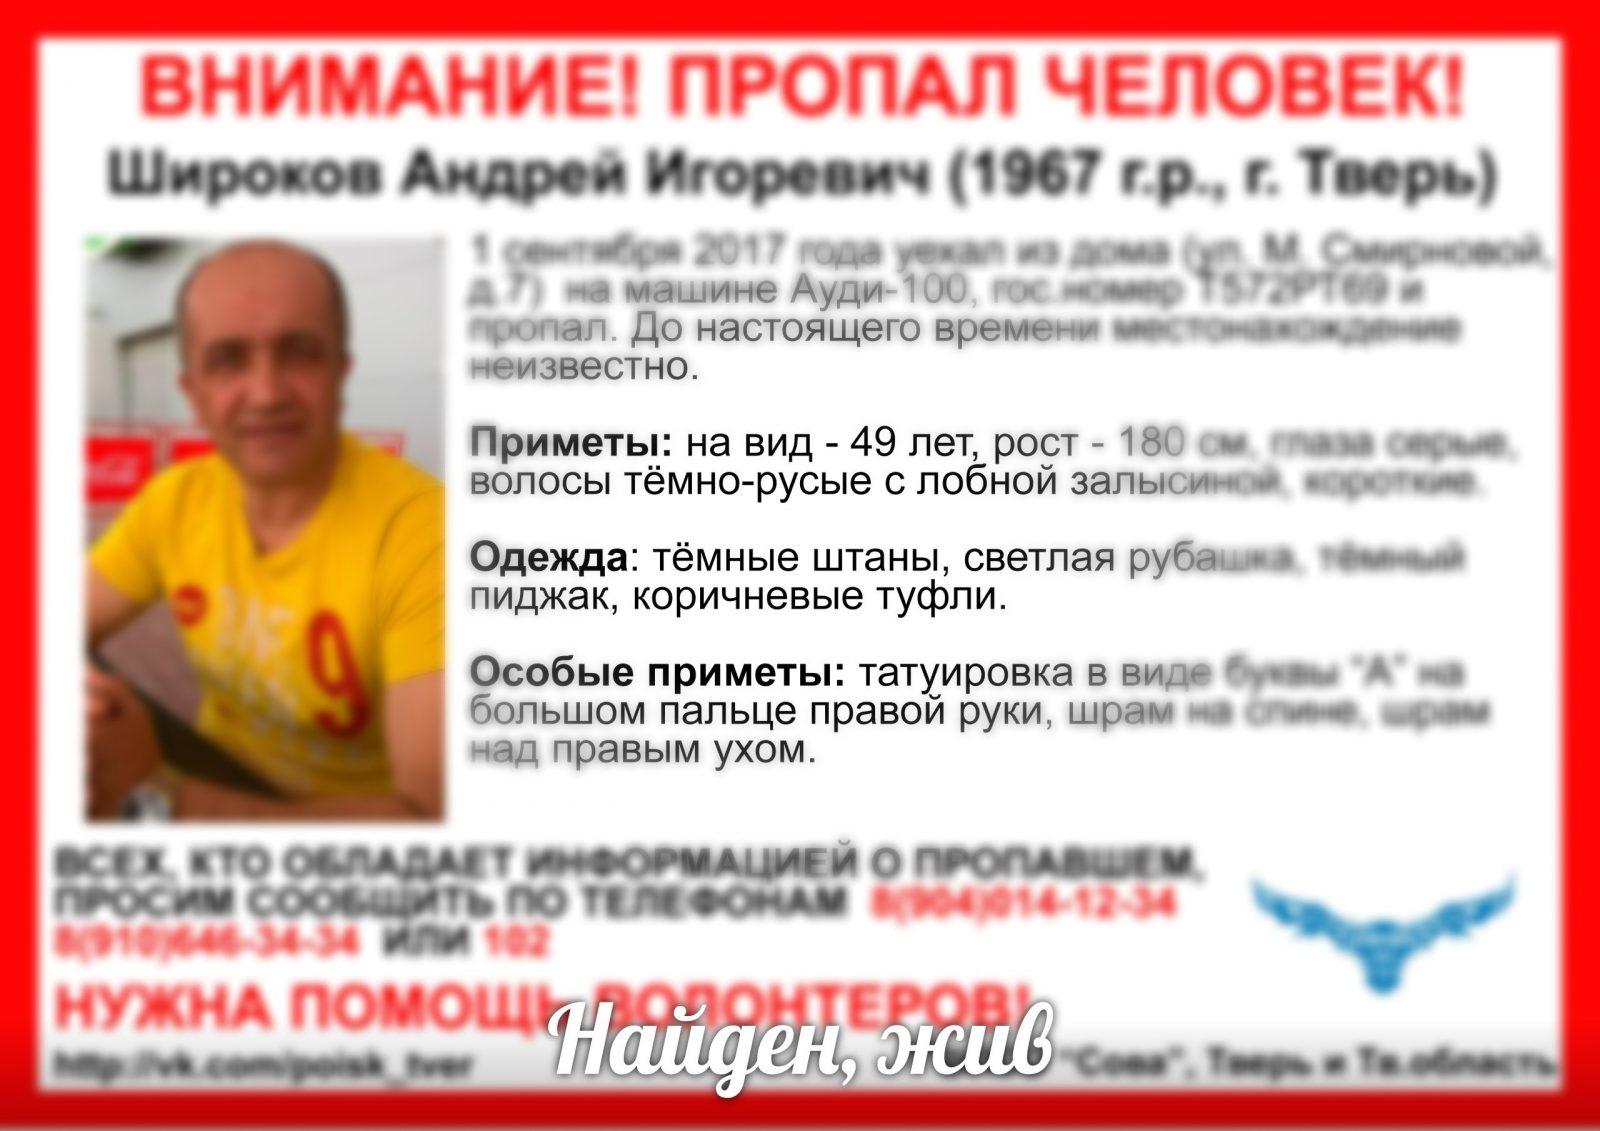 [Жив] Пропал Широков Андрей Игоревич (1967 г.р.)